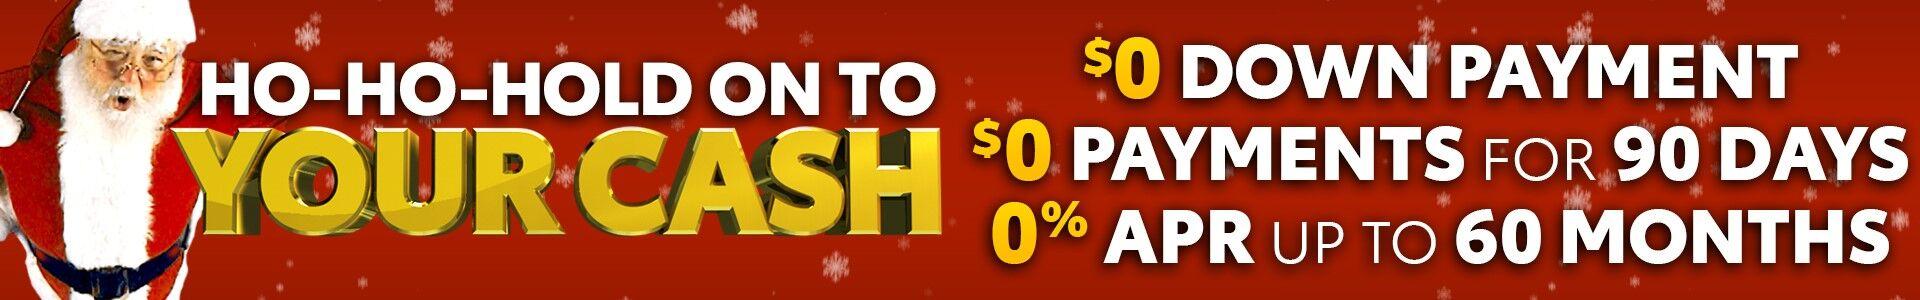 Ho-Ho-Hold onto Your Cash